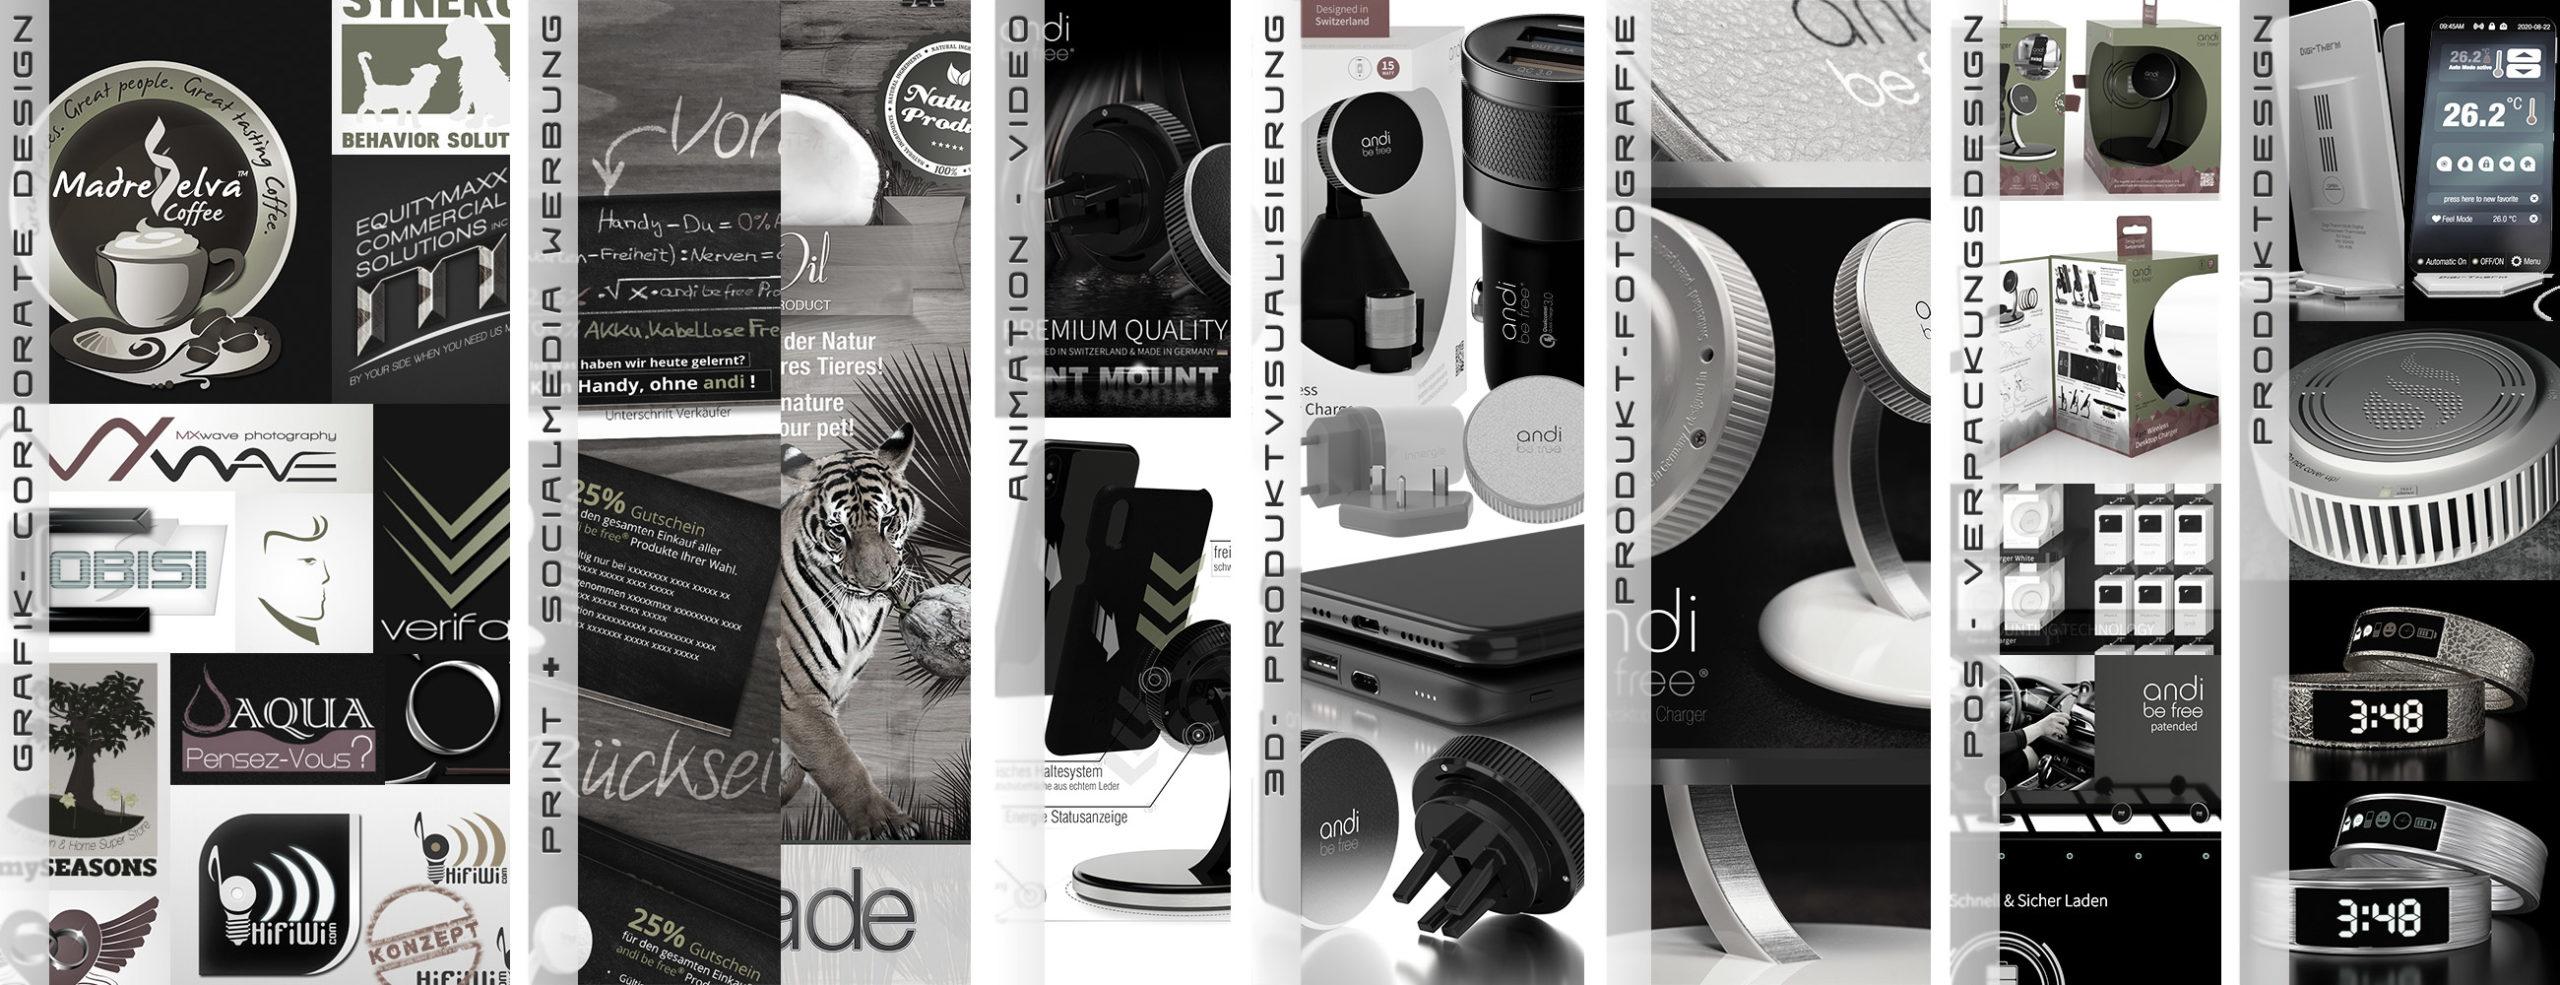 Referenzen Grafik, Print, Video, Foto, Animation, 3D, Produktentwicklung